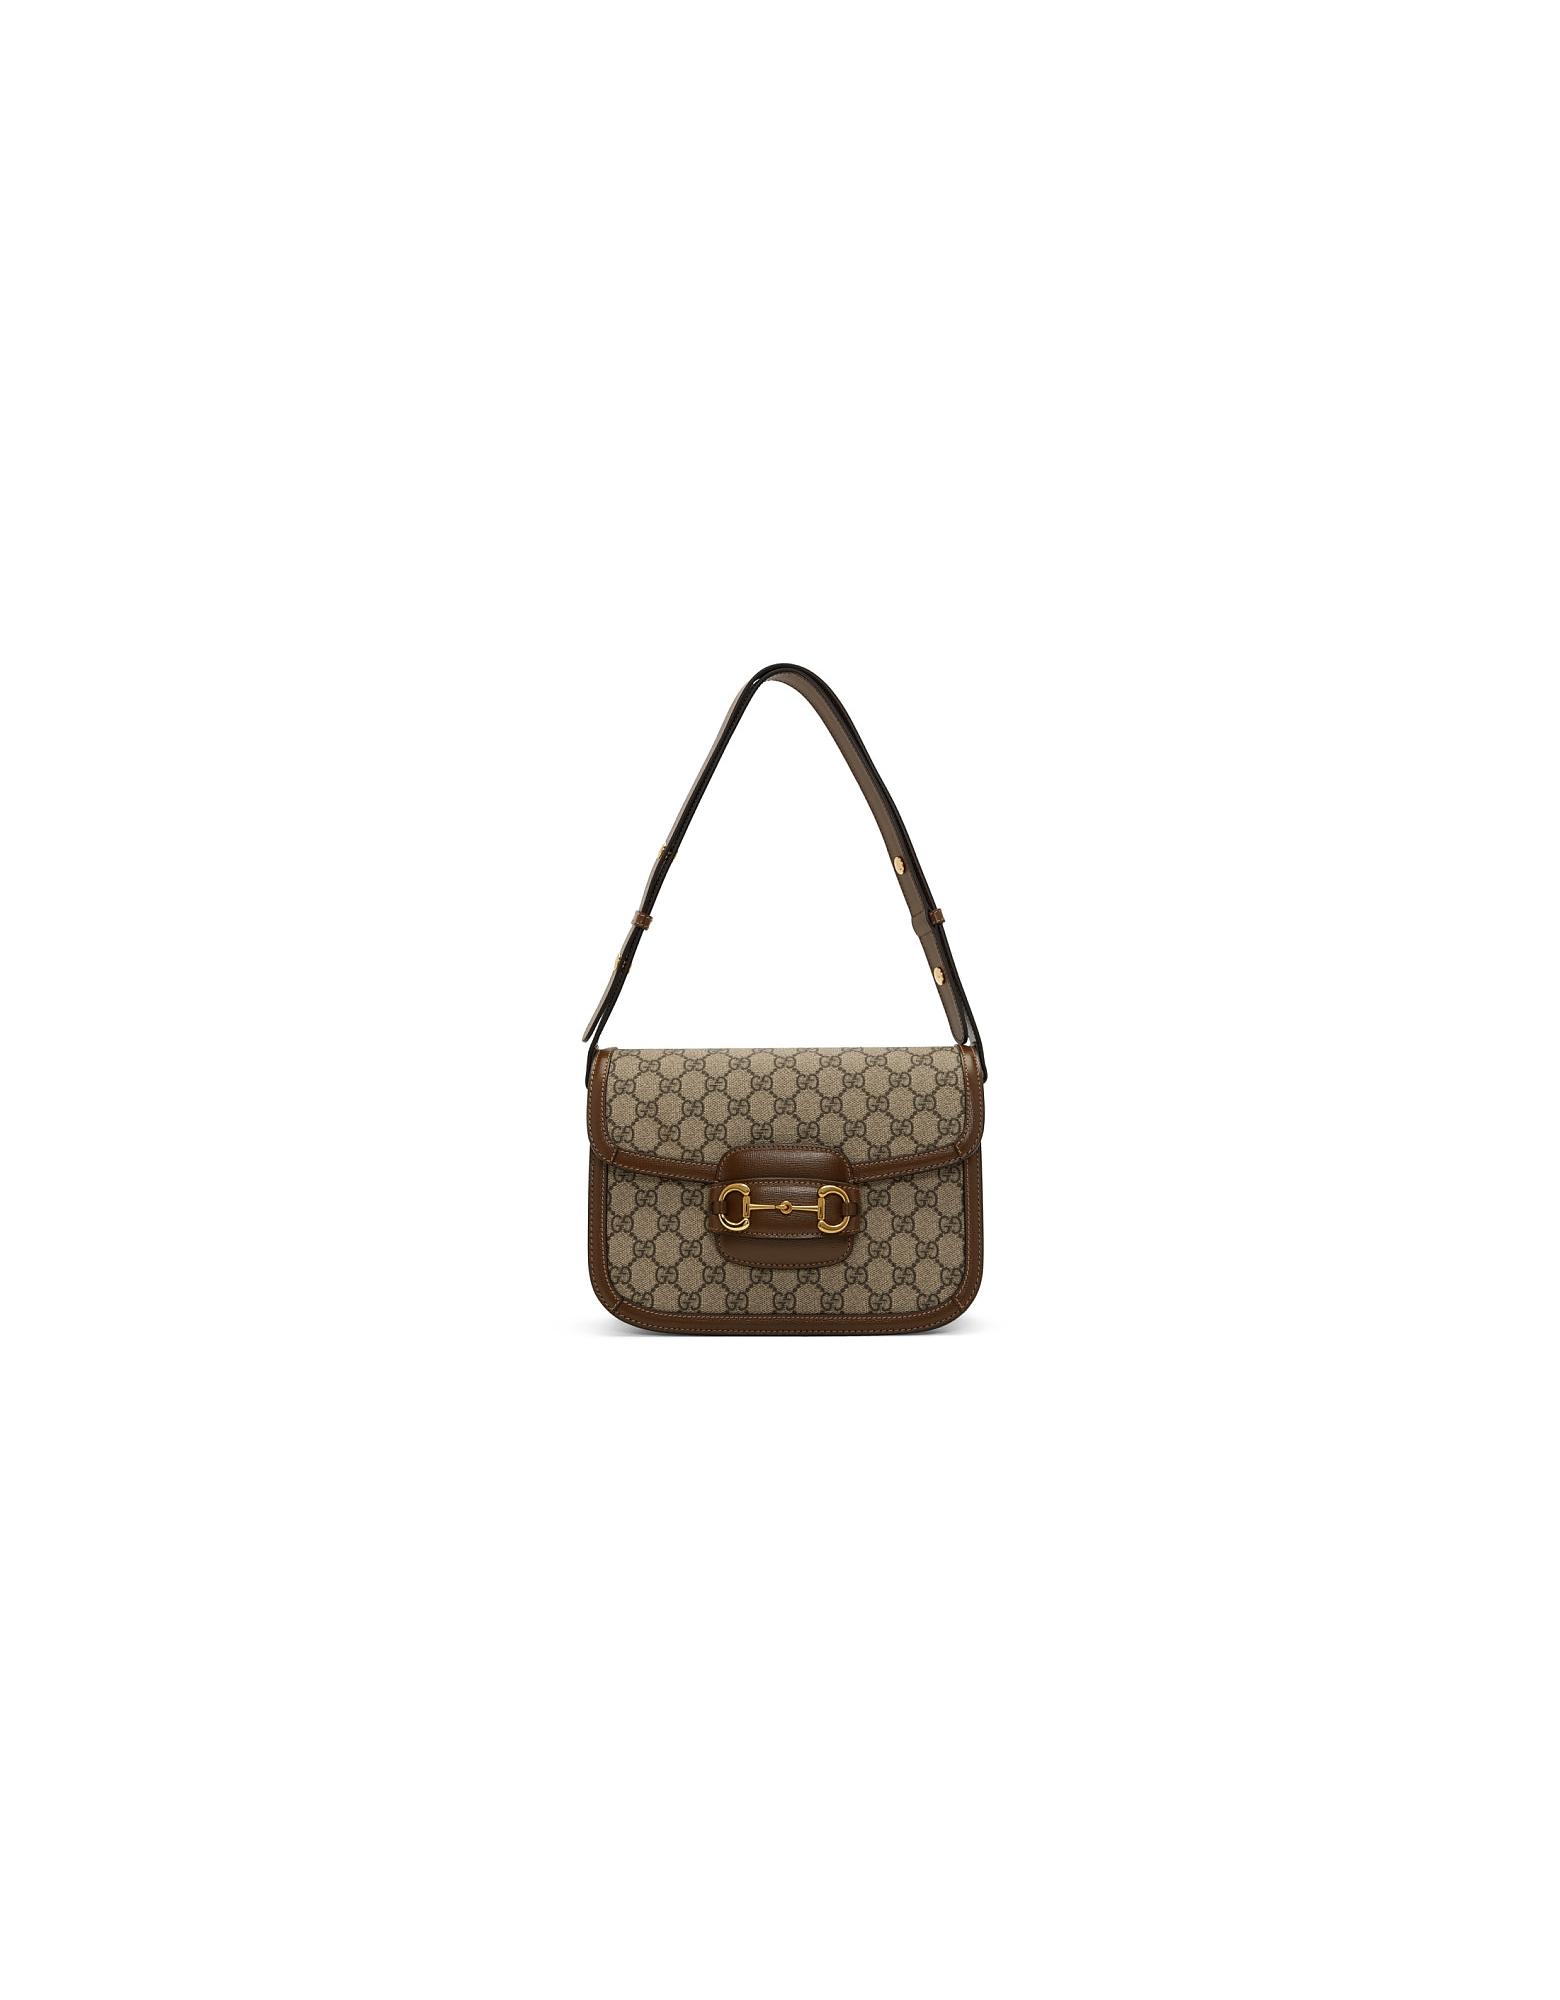 Gucci Designer Handbags, Beige and Brown GG Supreme 1955 Horsebit Shoulder Bag